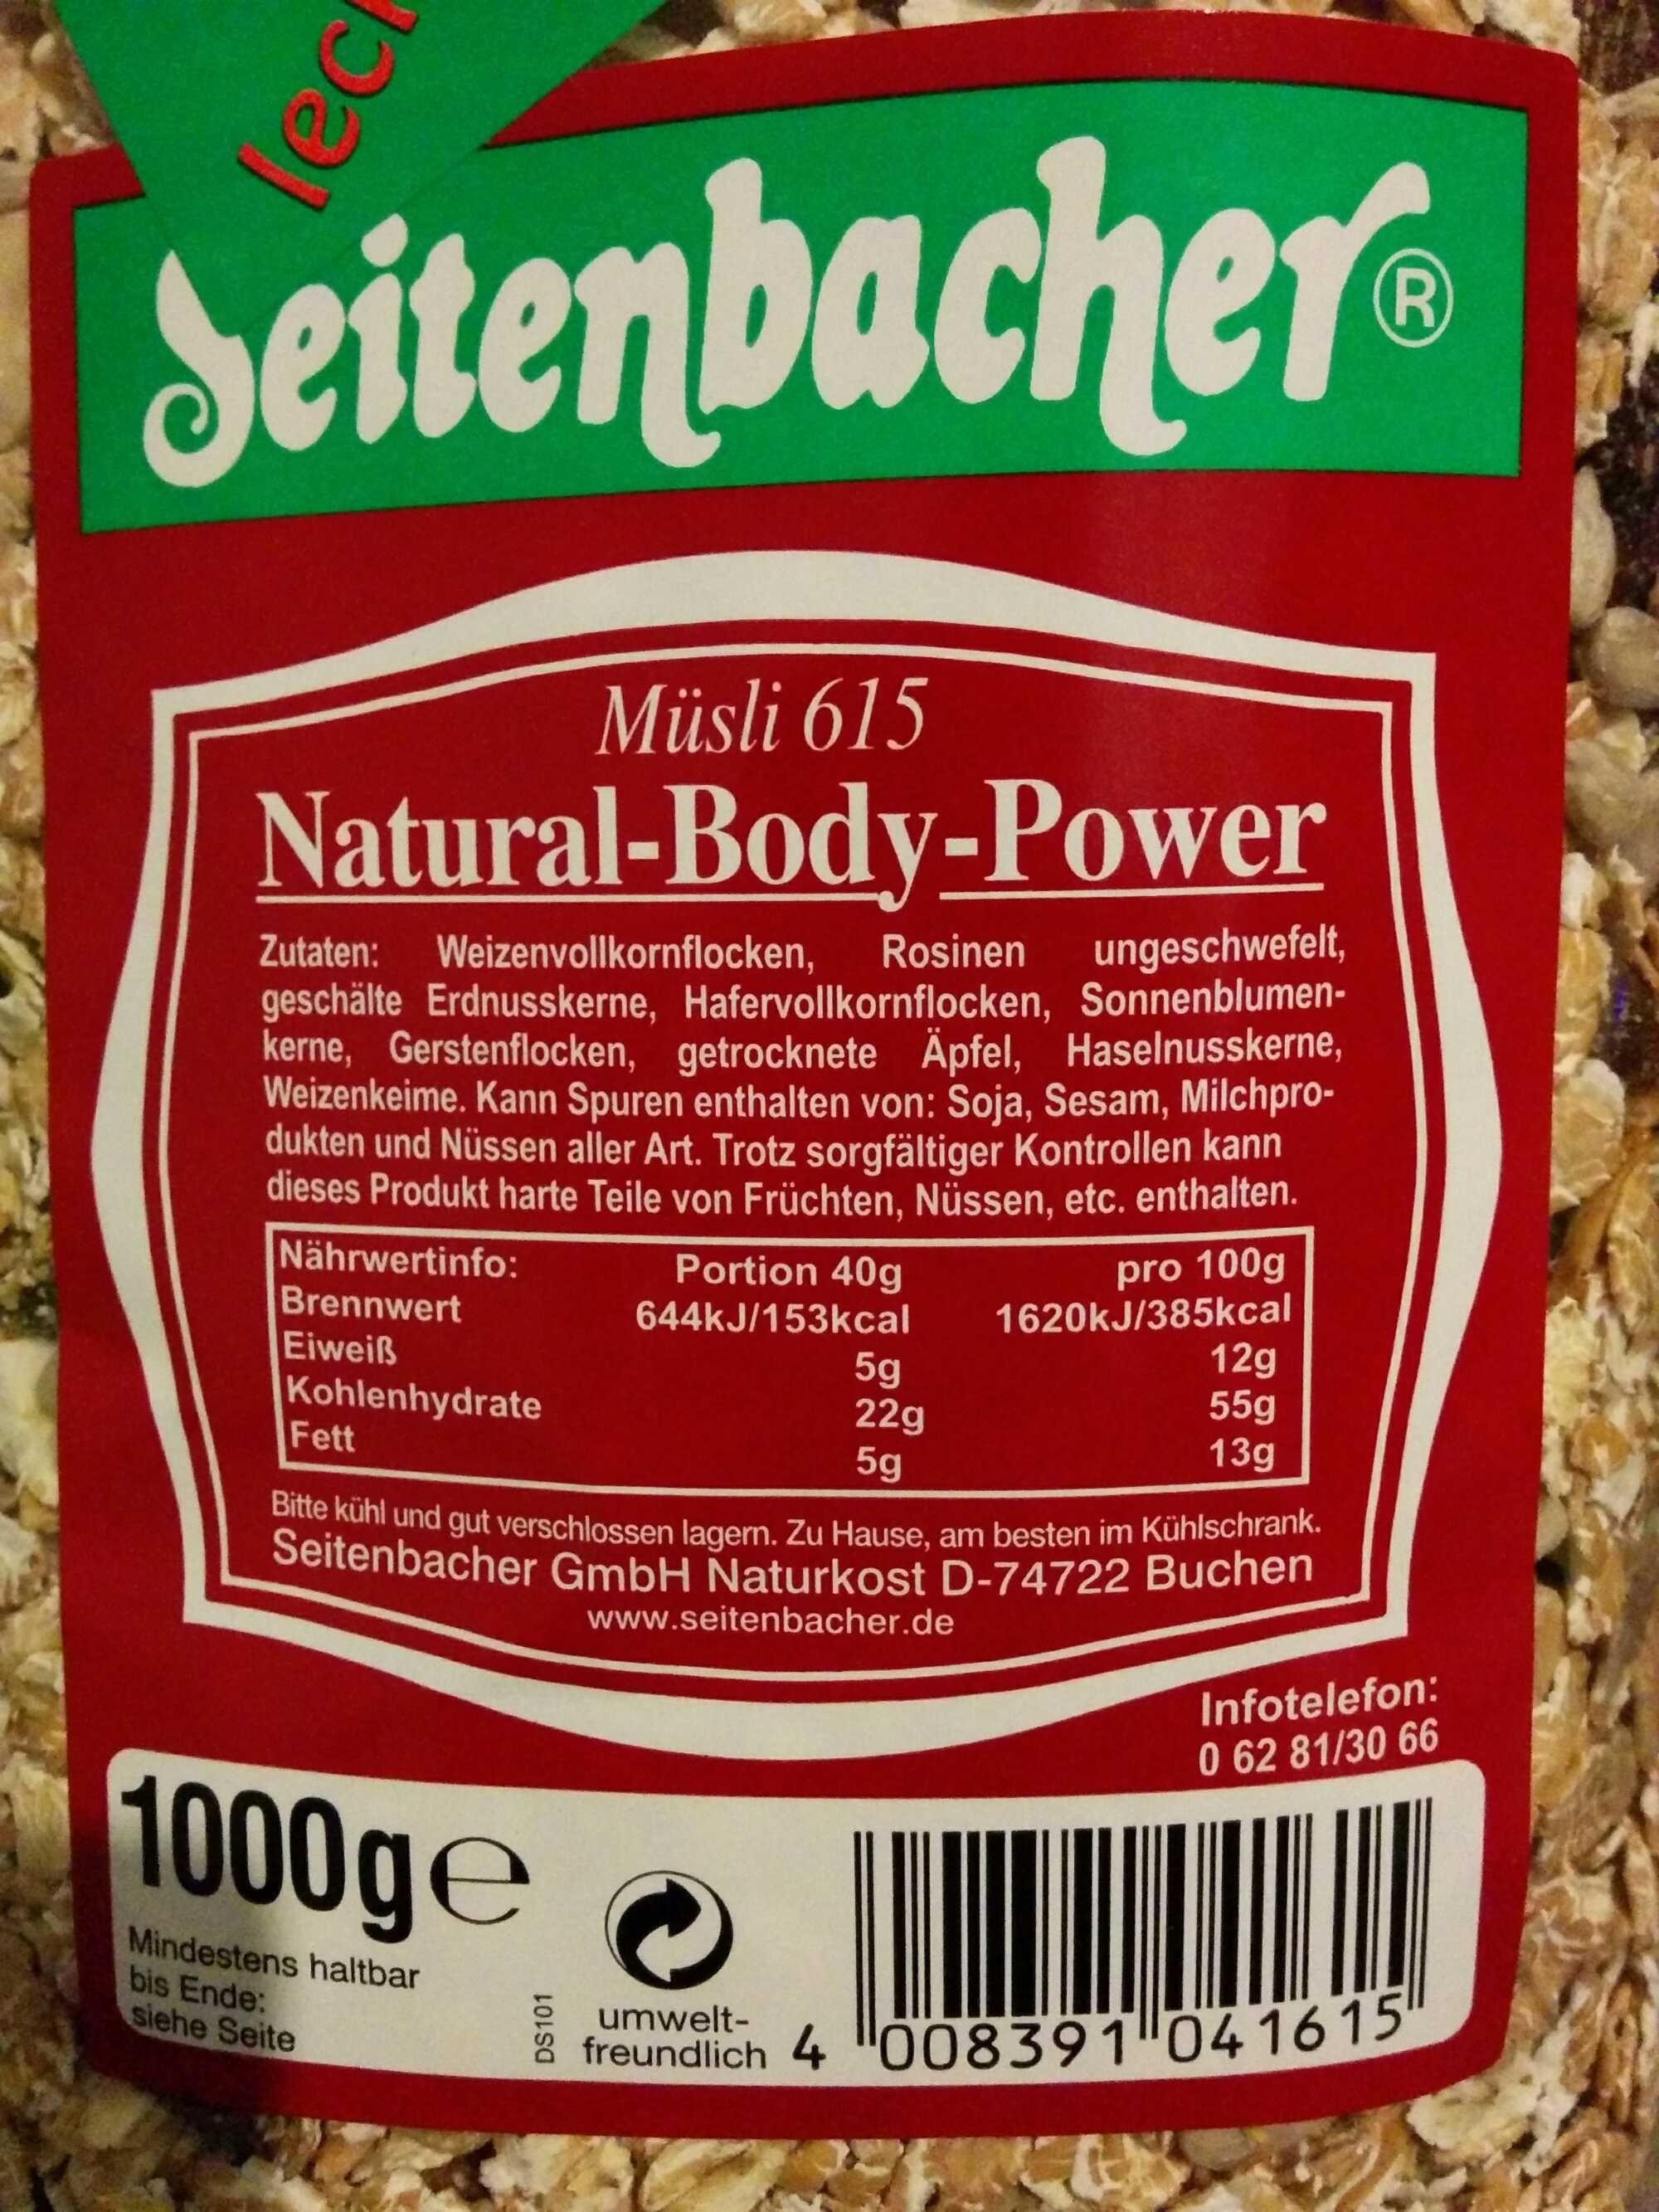 Müsli 615 Natural-Body-Power - Prodotto - de